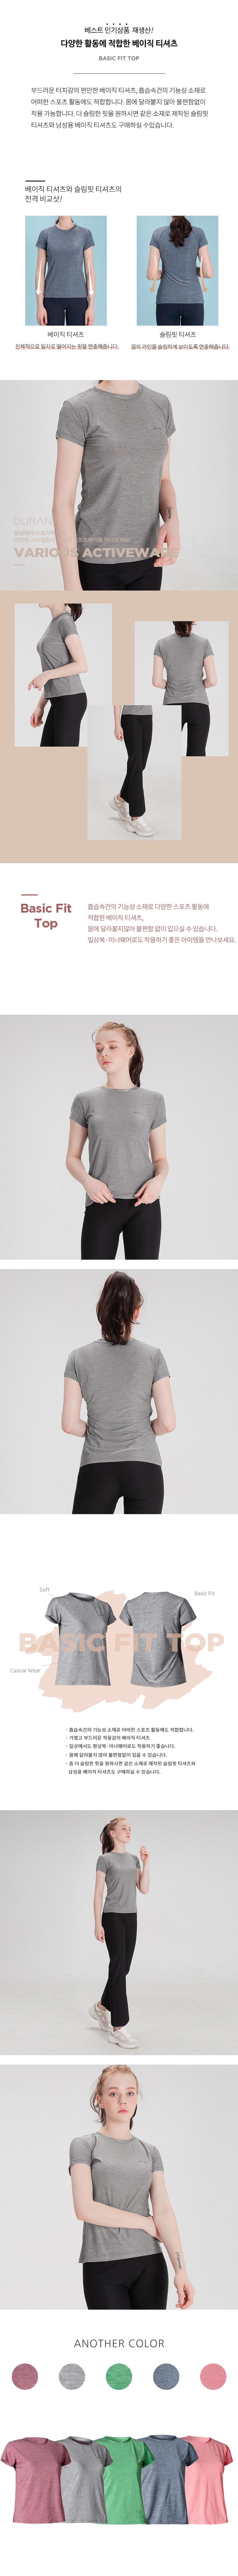 여성 스포츠 슬림핏 티셔츠 DFW5009 그레이